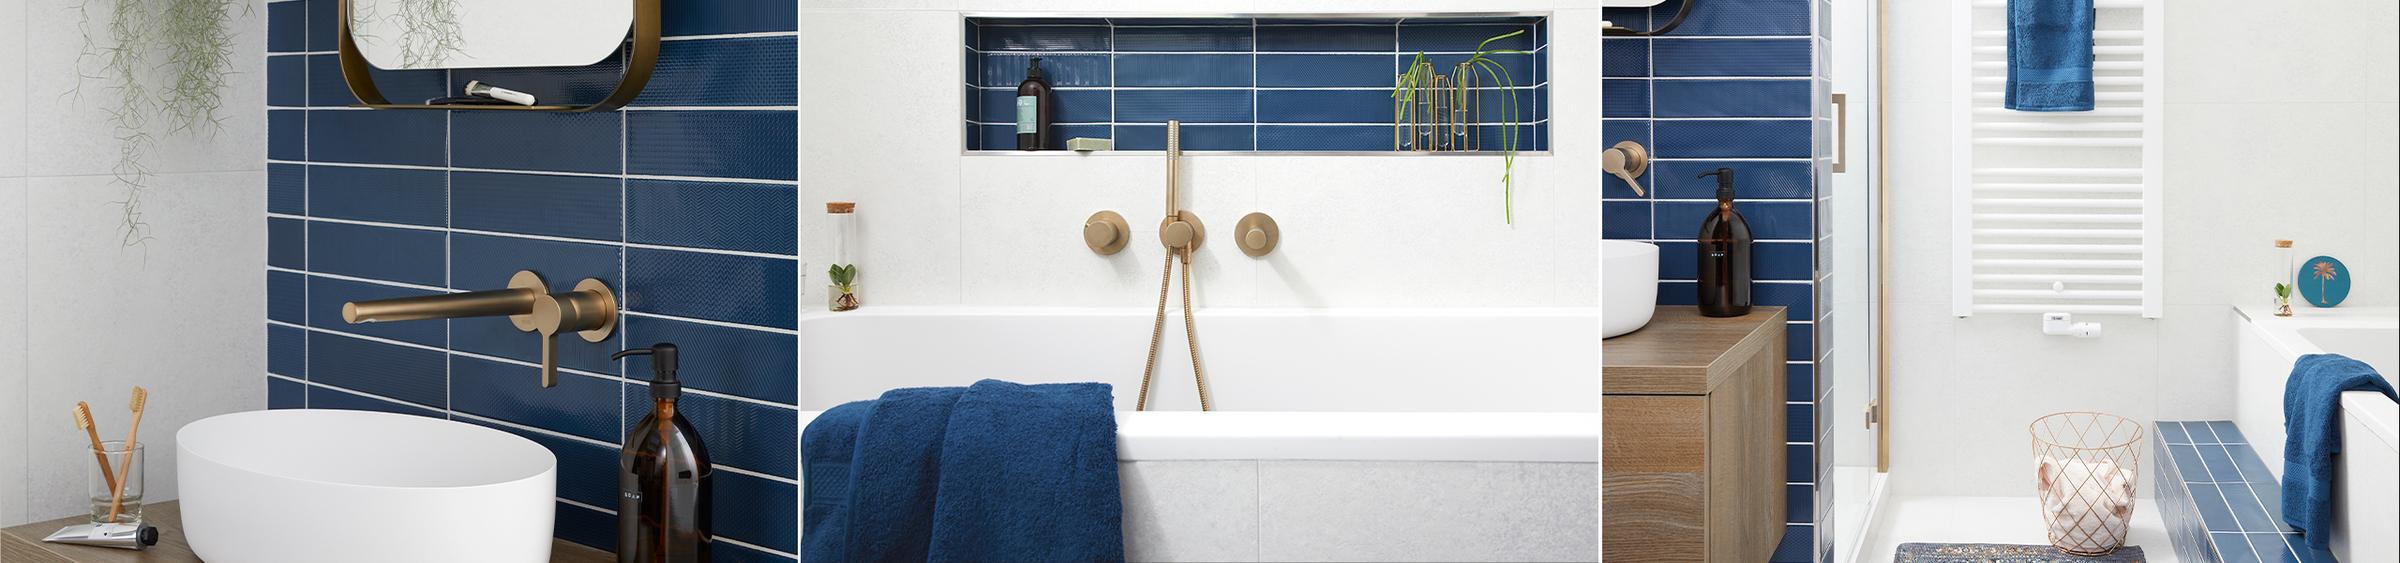 Inspiratie: voor een kleine badkamer - Inspiratie: voor een kleine badkamer